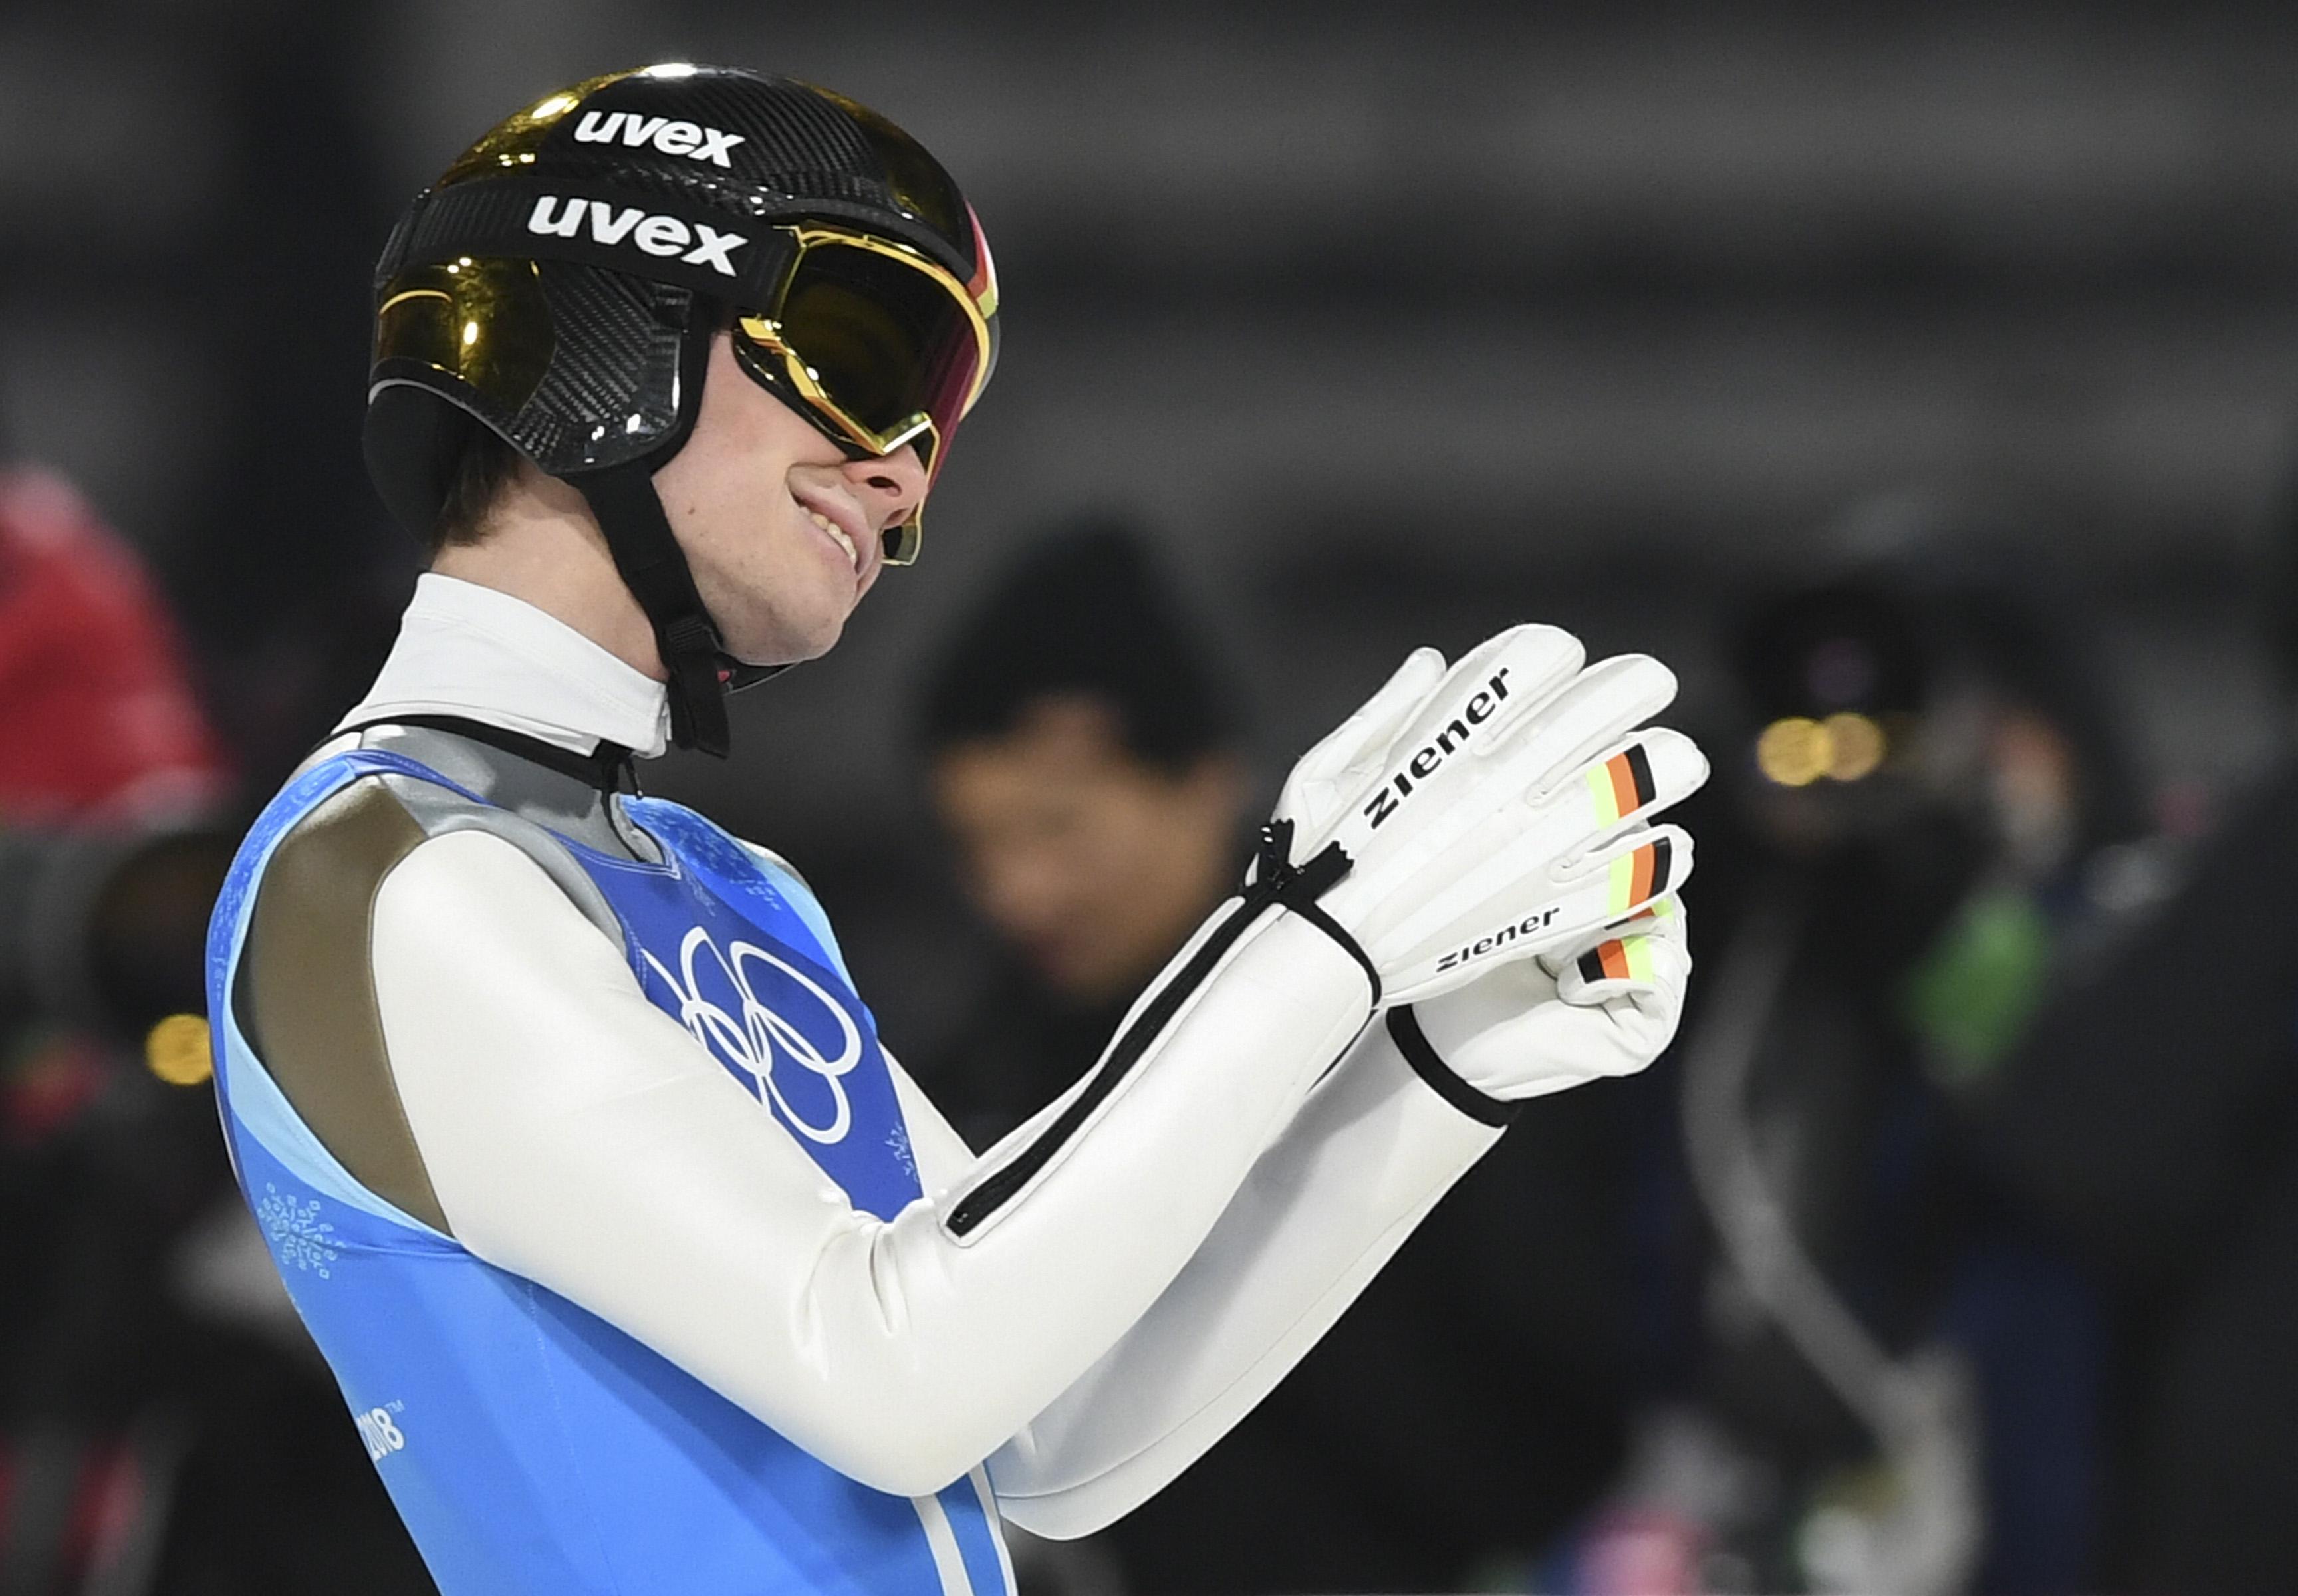 Andreas Wellinger nach seinem Triumph im Team-Springen.